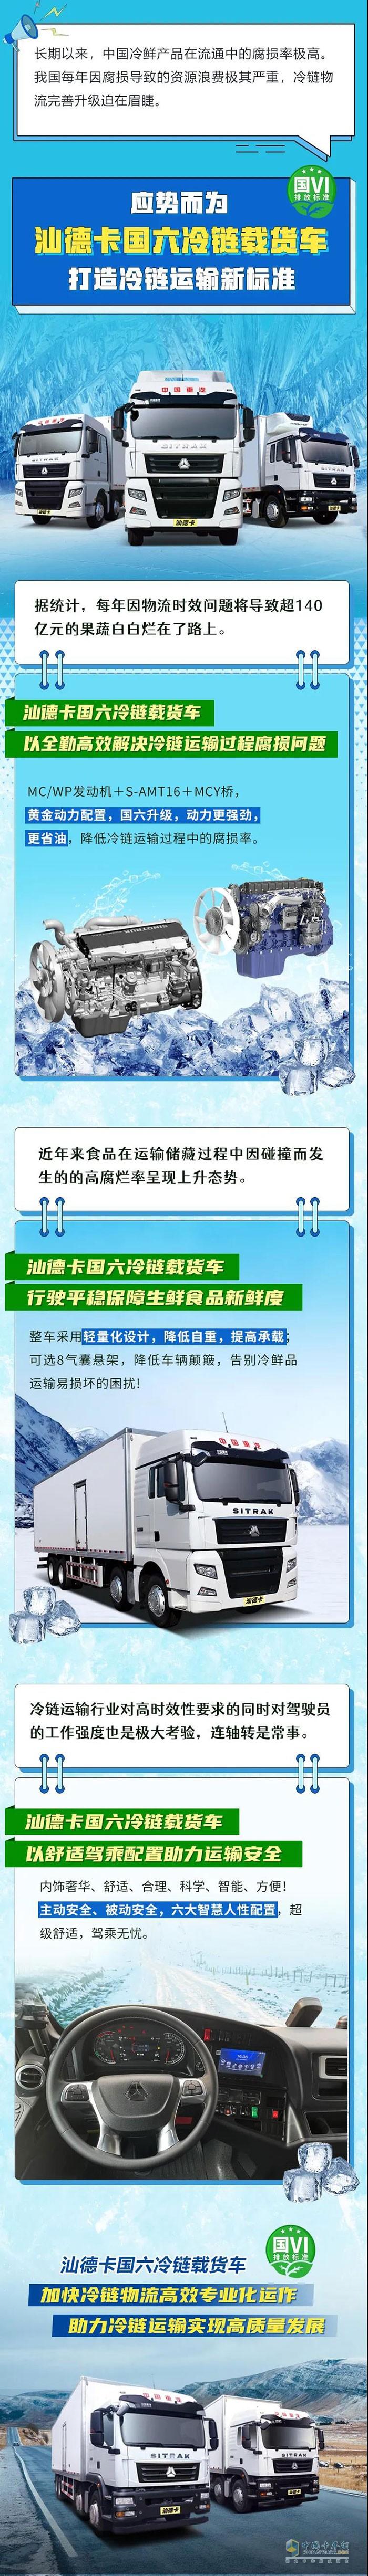 应势而为,汕德卡打造冷链运输新标准!